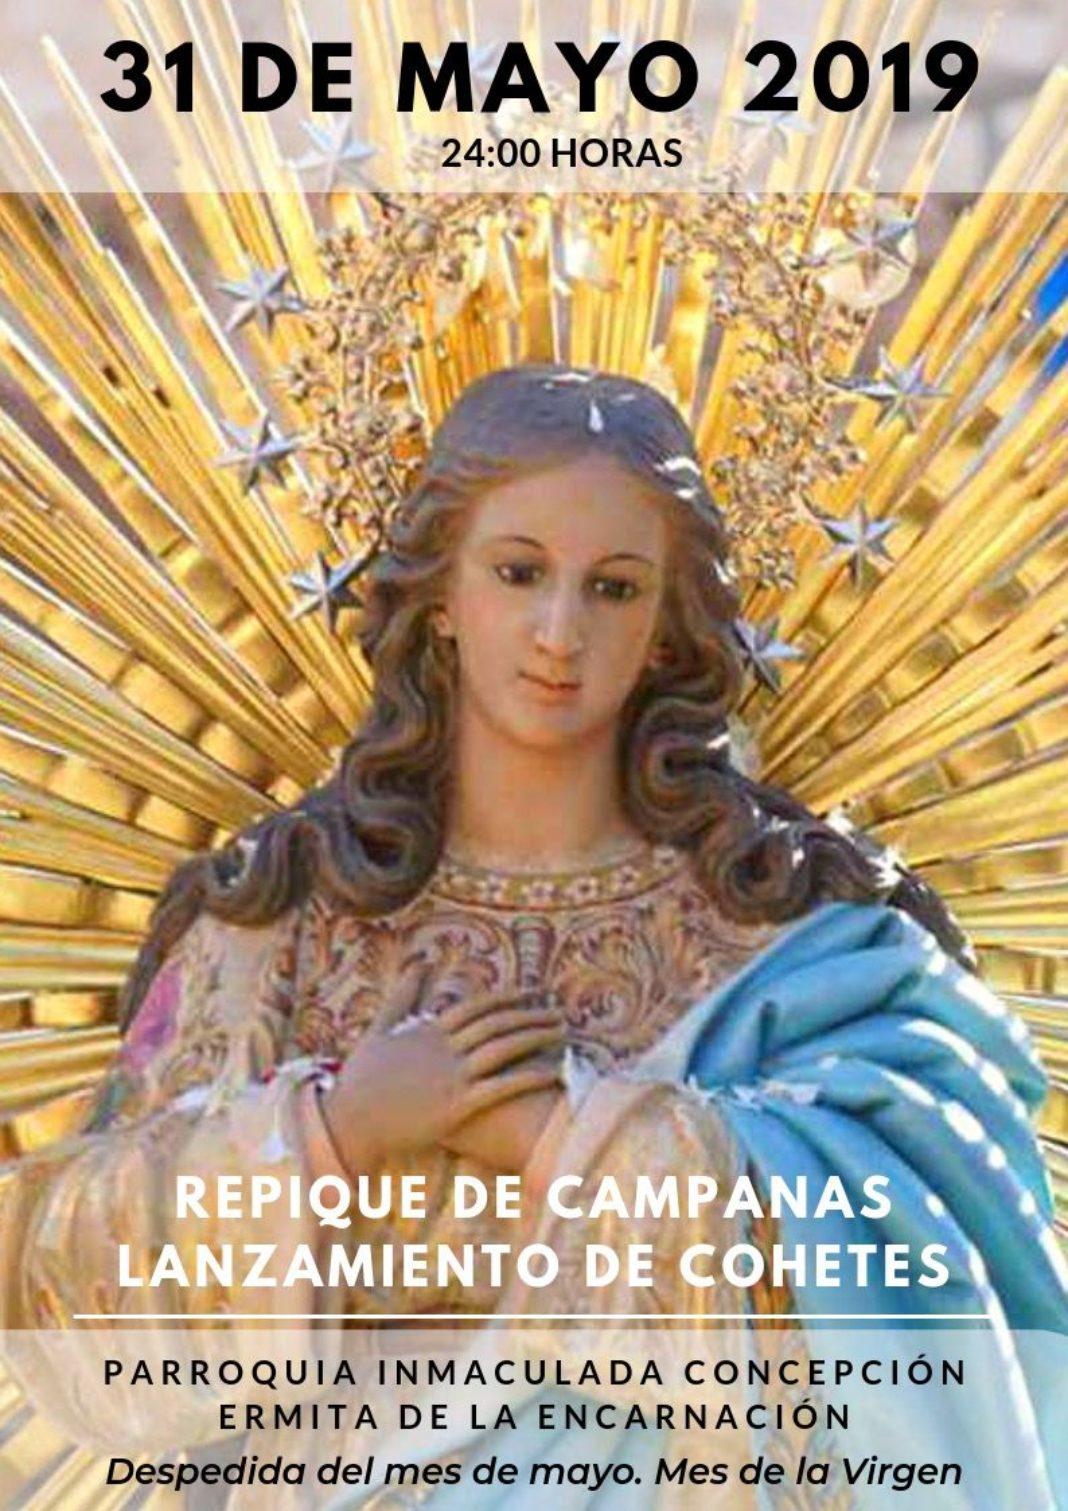 Despedida del mes de mayo en la parroquia de la Inmaculada Concepción 4